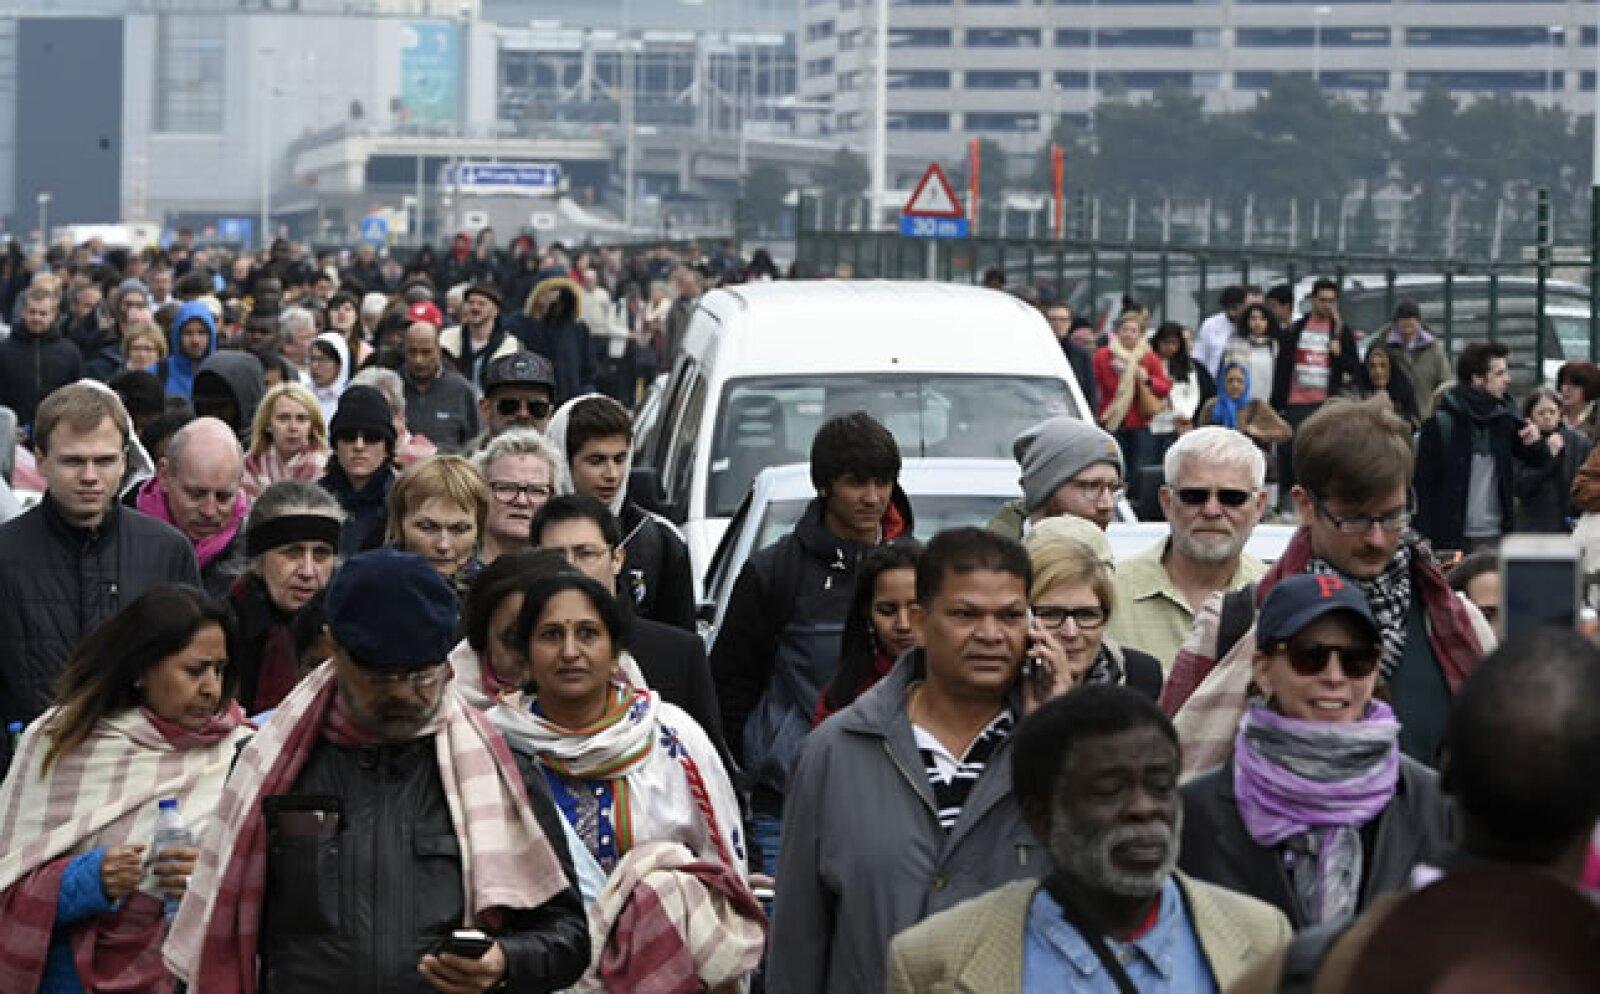 El aeropuerto de Bruselas fue evacuado y todas las operaciones fueron canceladas.